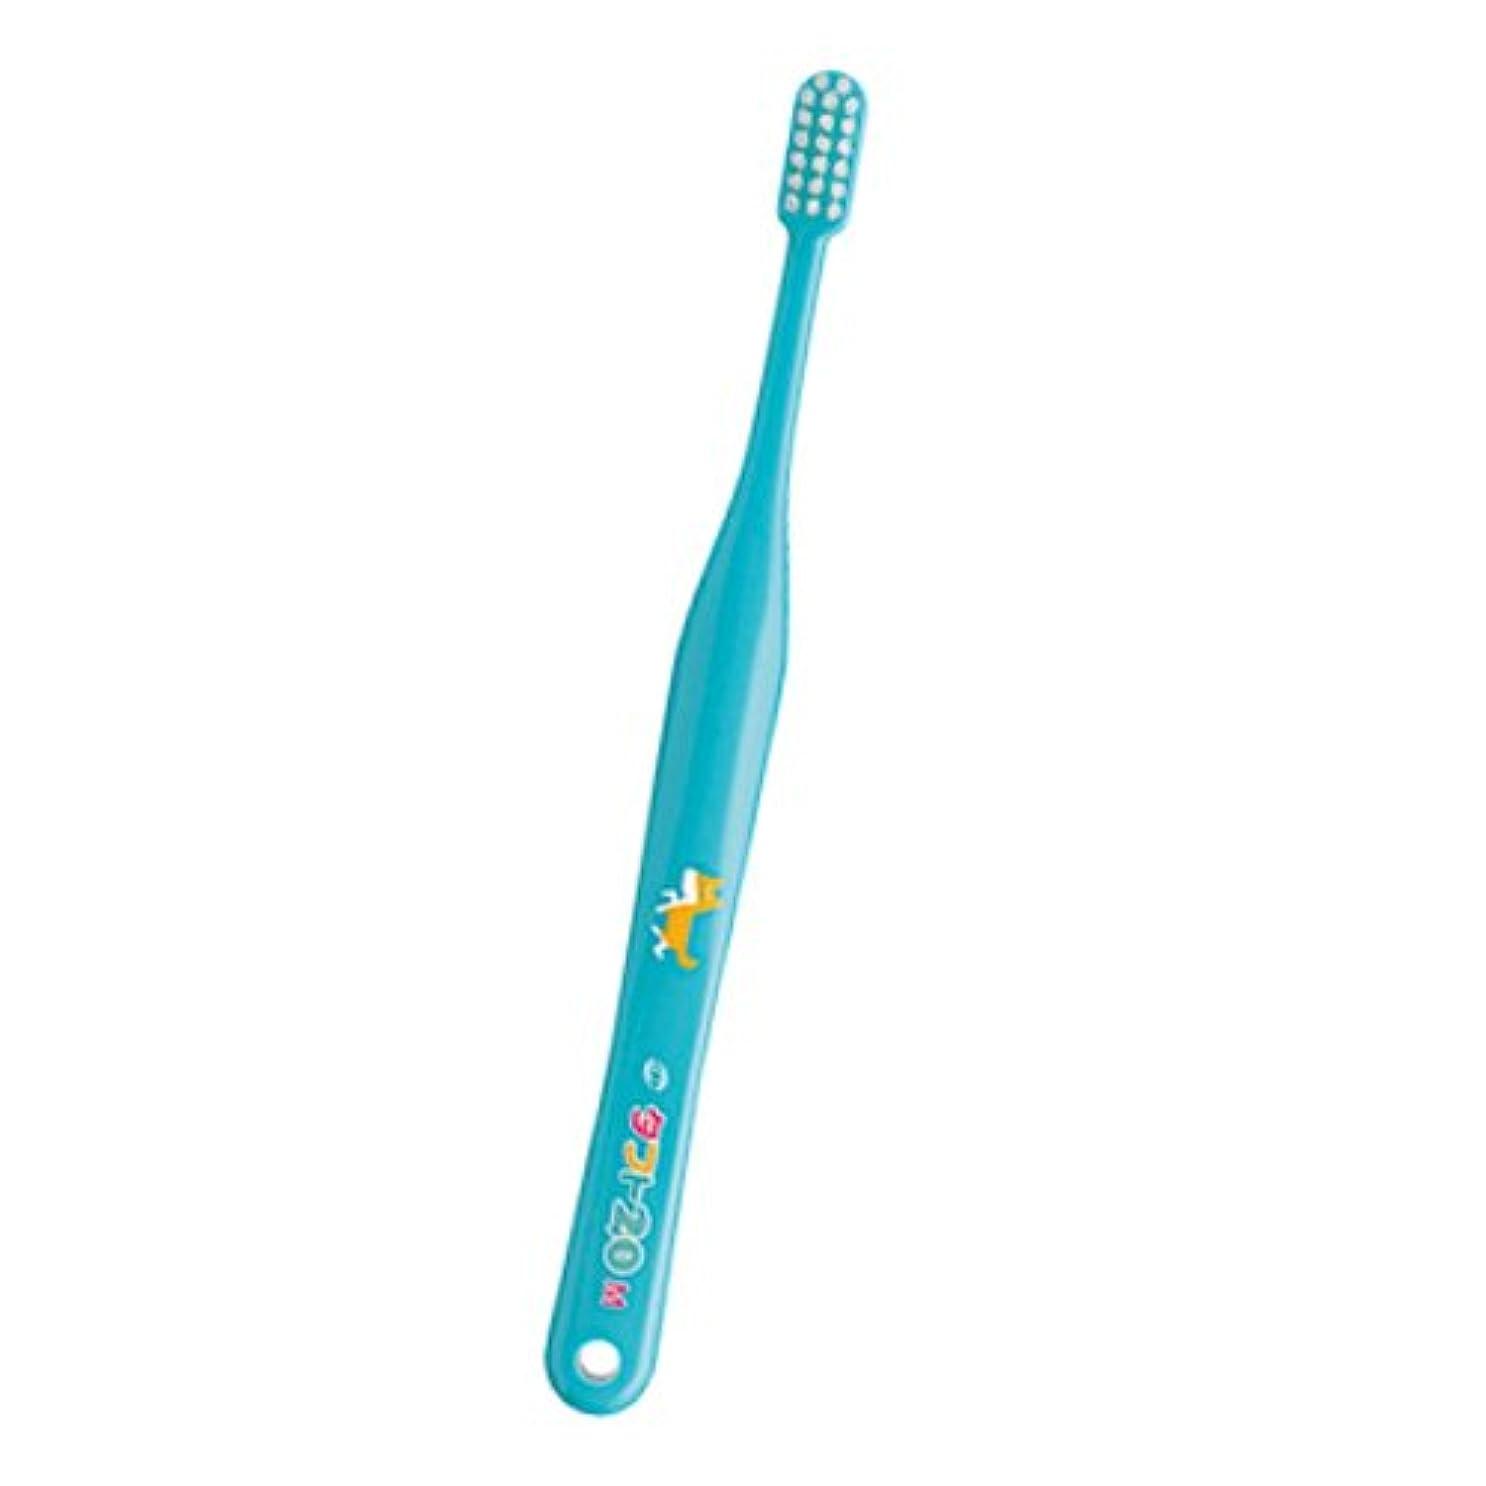 聴覚障害者賞賛する事実タフト 20 歯ブラシ ミディアム 1本 ブルー M